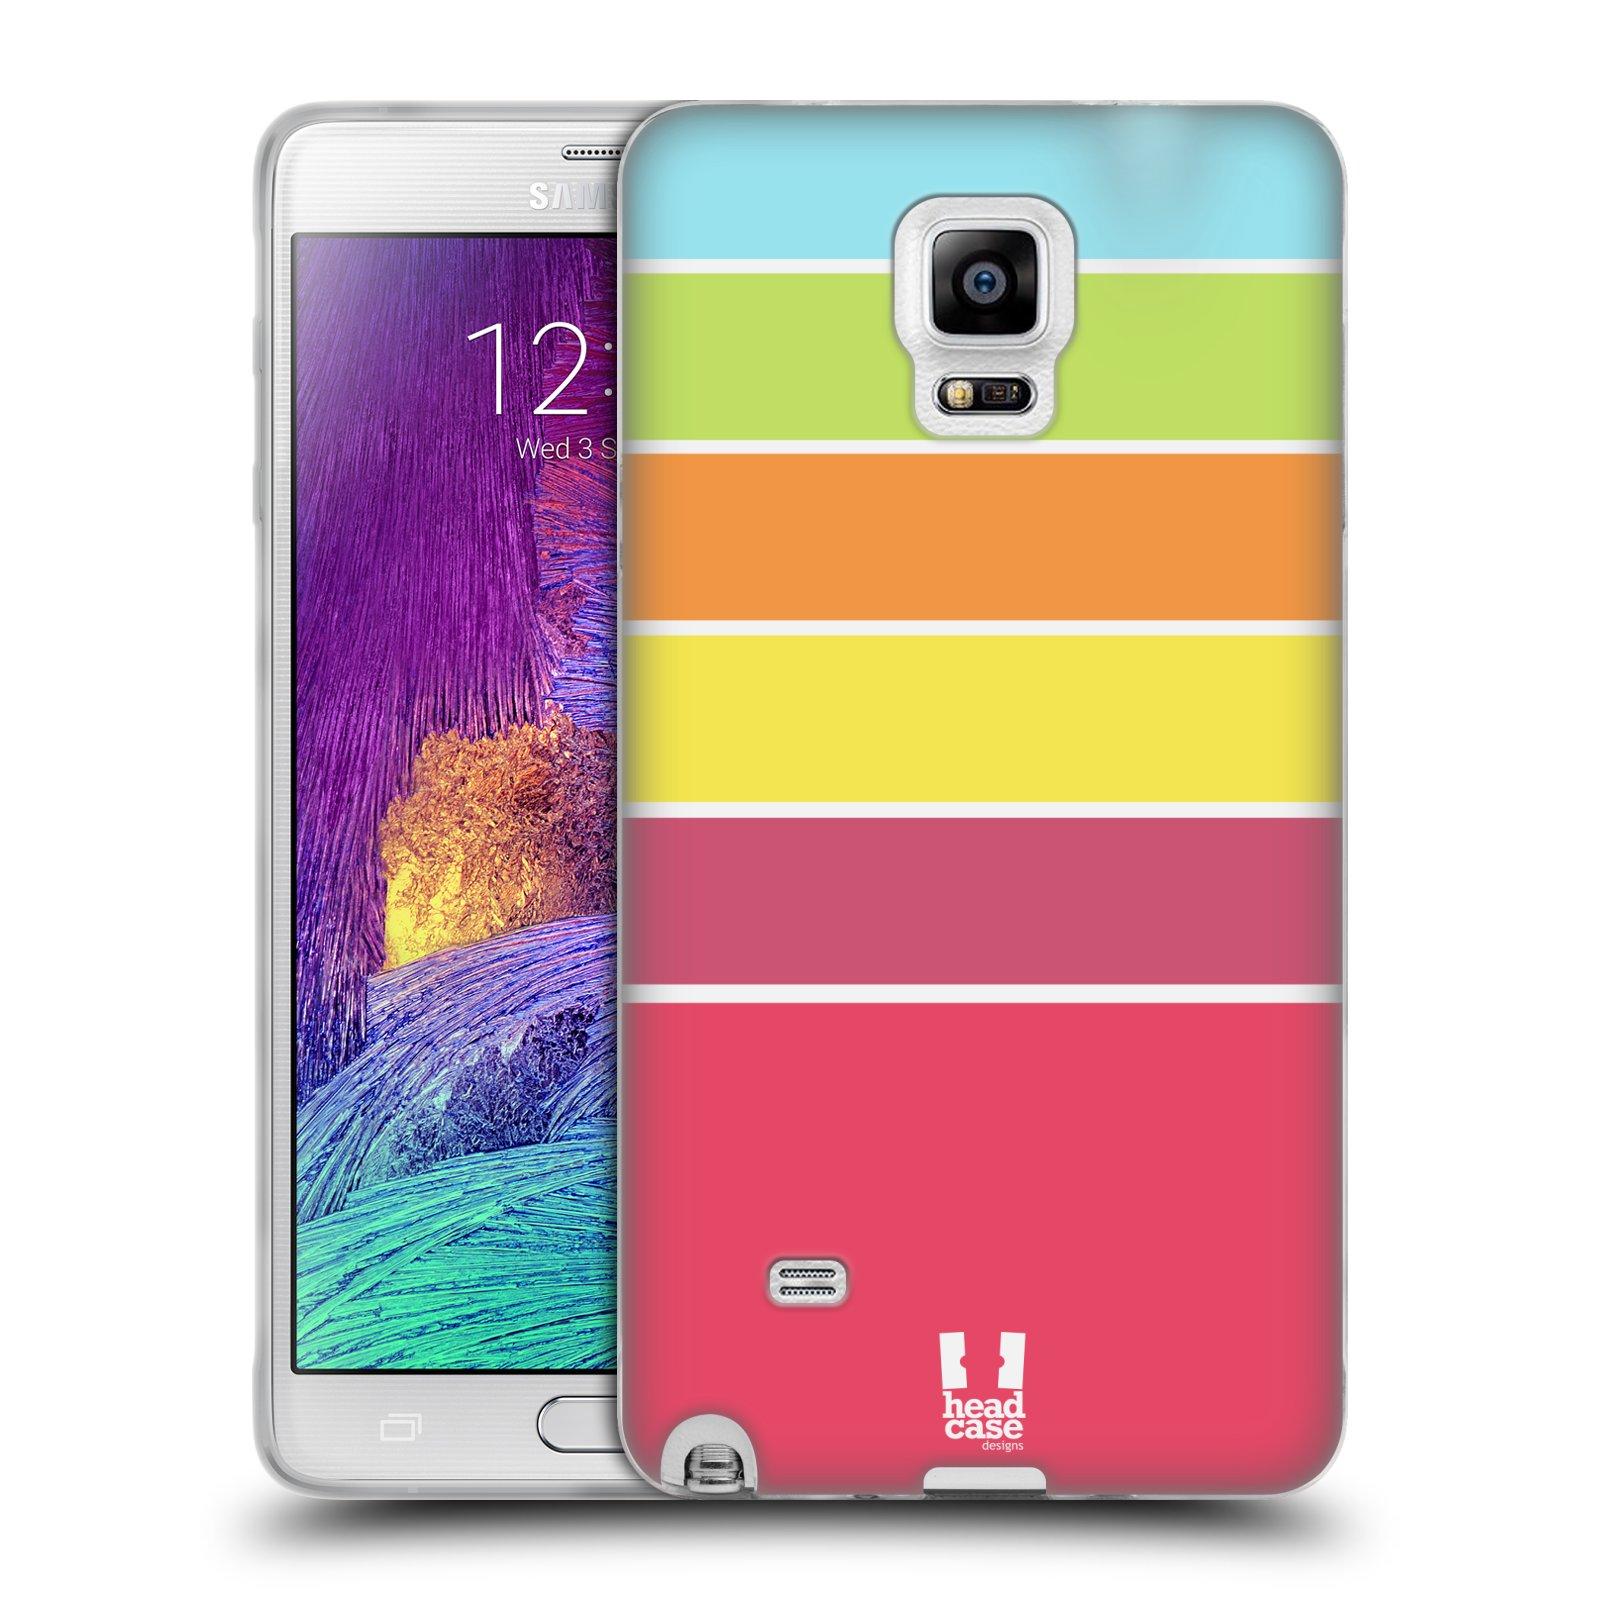 HEAD CASE silikonový obal na mobil Samsung Galaxy Note 4 (N910) vzor Barevné proužky RŮŽOVÁ, ORANŽOVÁ, ZELENÁ